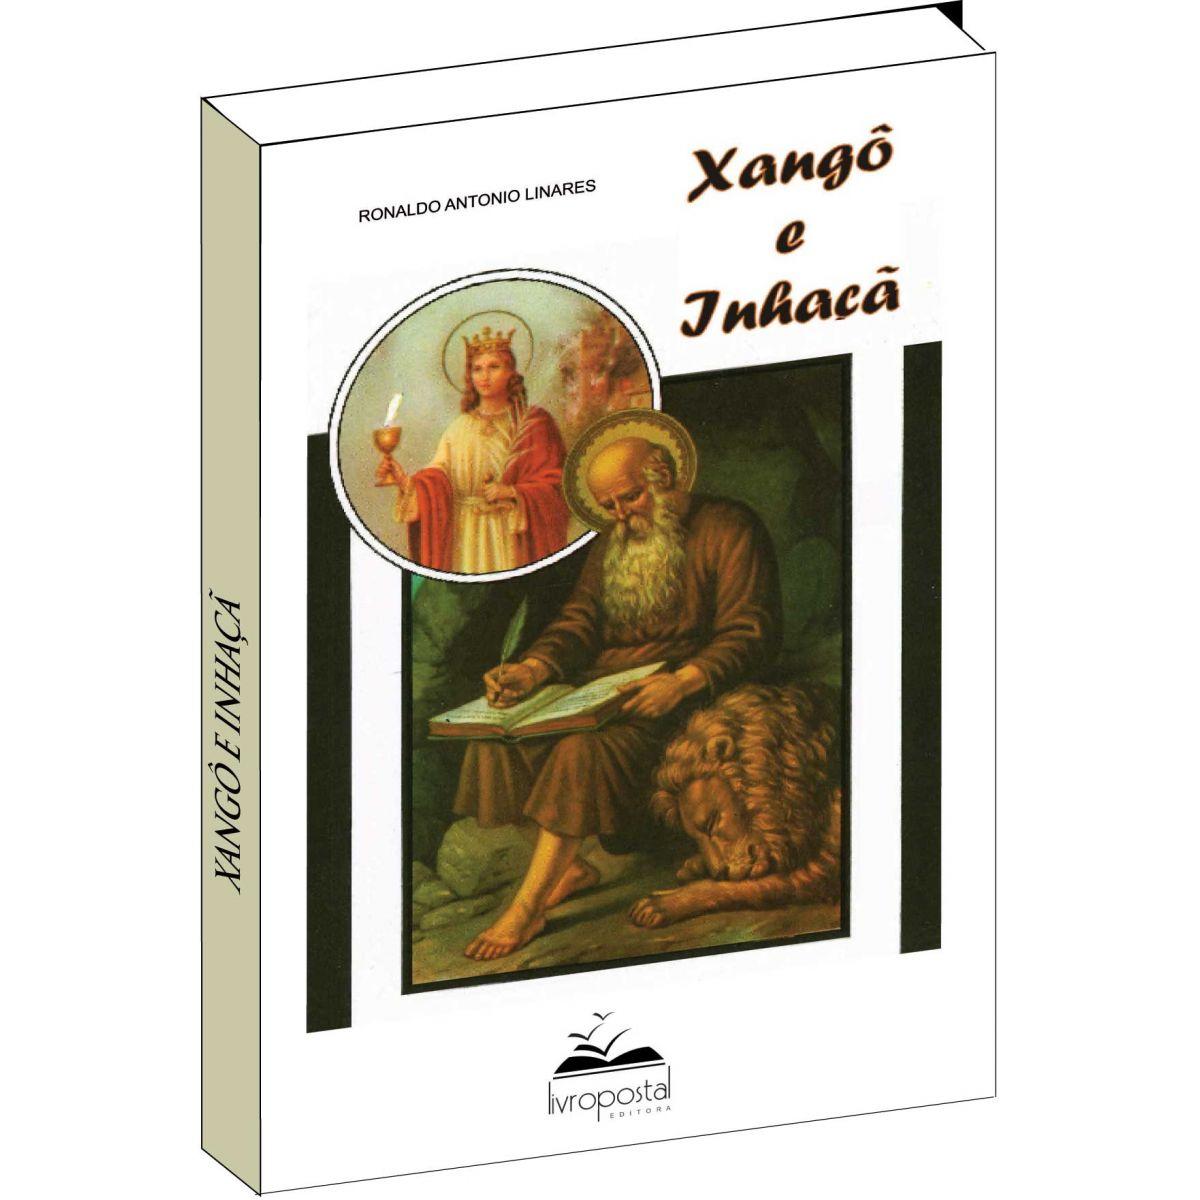 Brinde na compra de 2 livros - Xango e Inhaçã  - Livropostal Editora